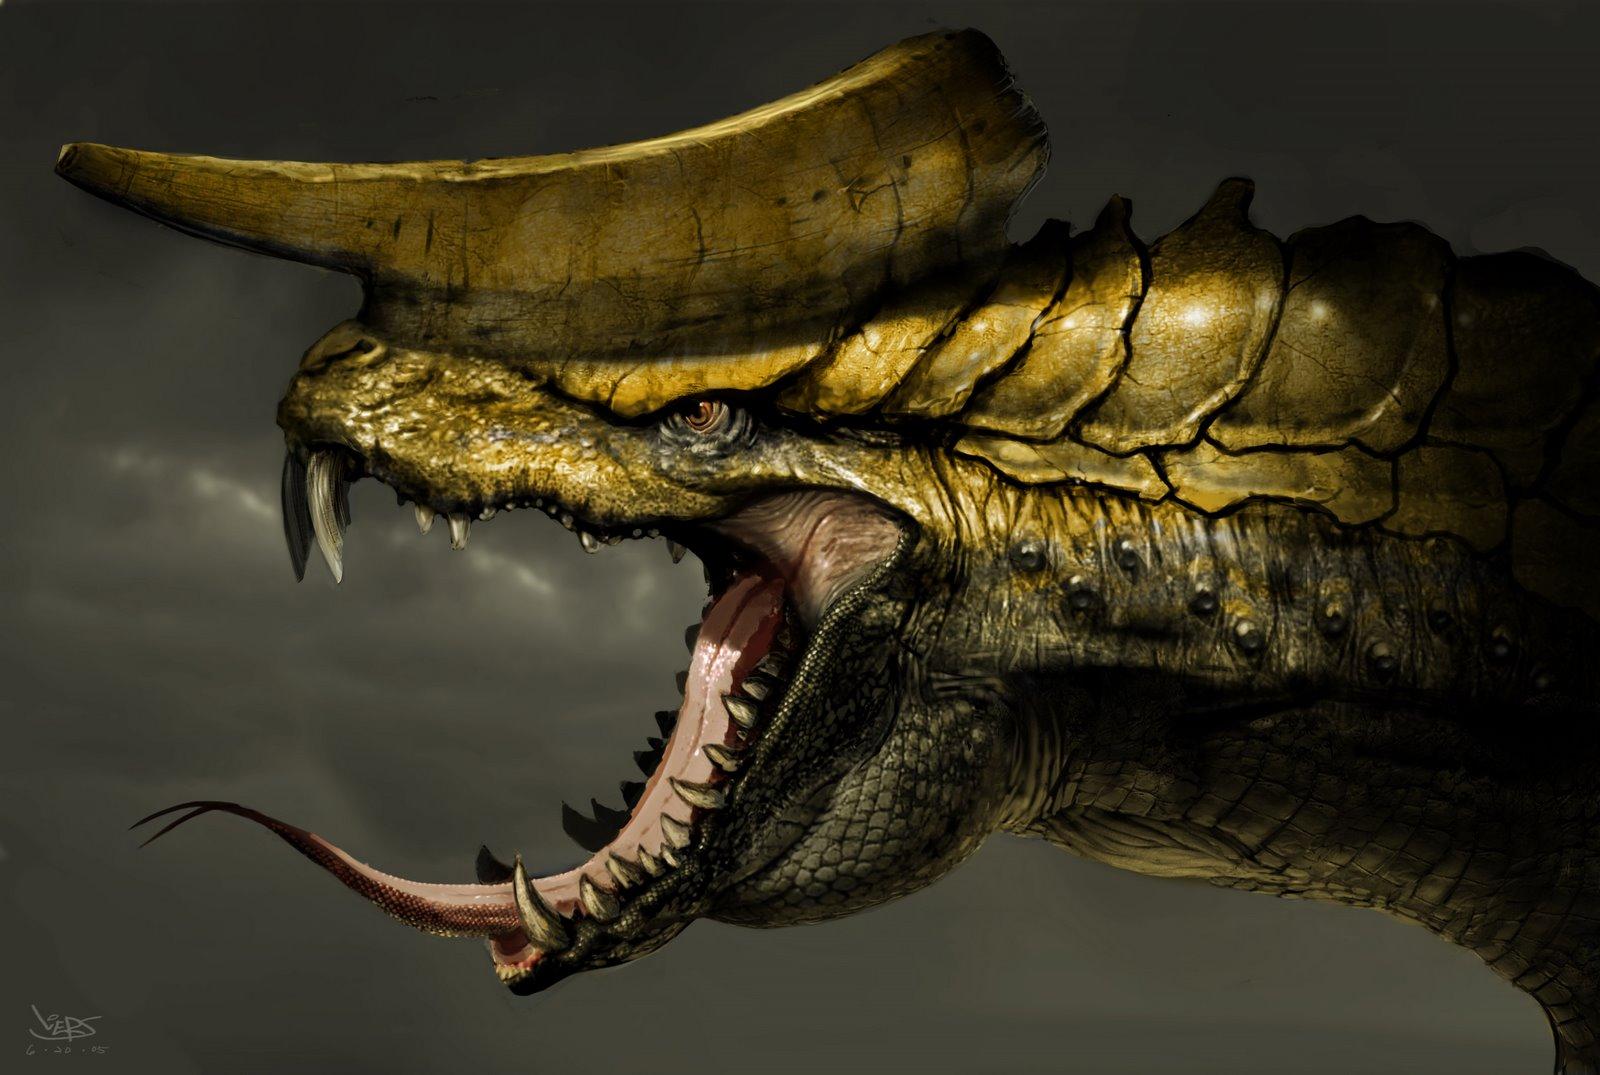 страшное чудовище, обои для рабочего стола, дракон, фото